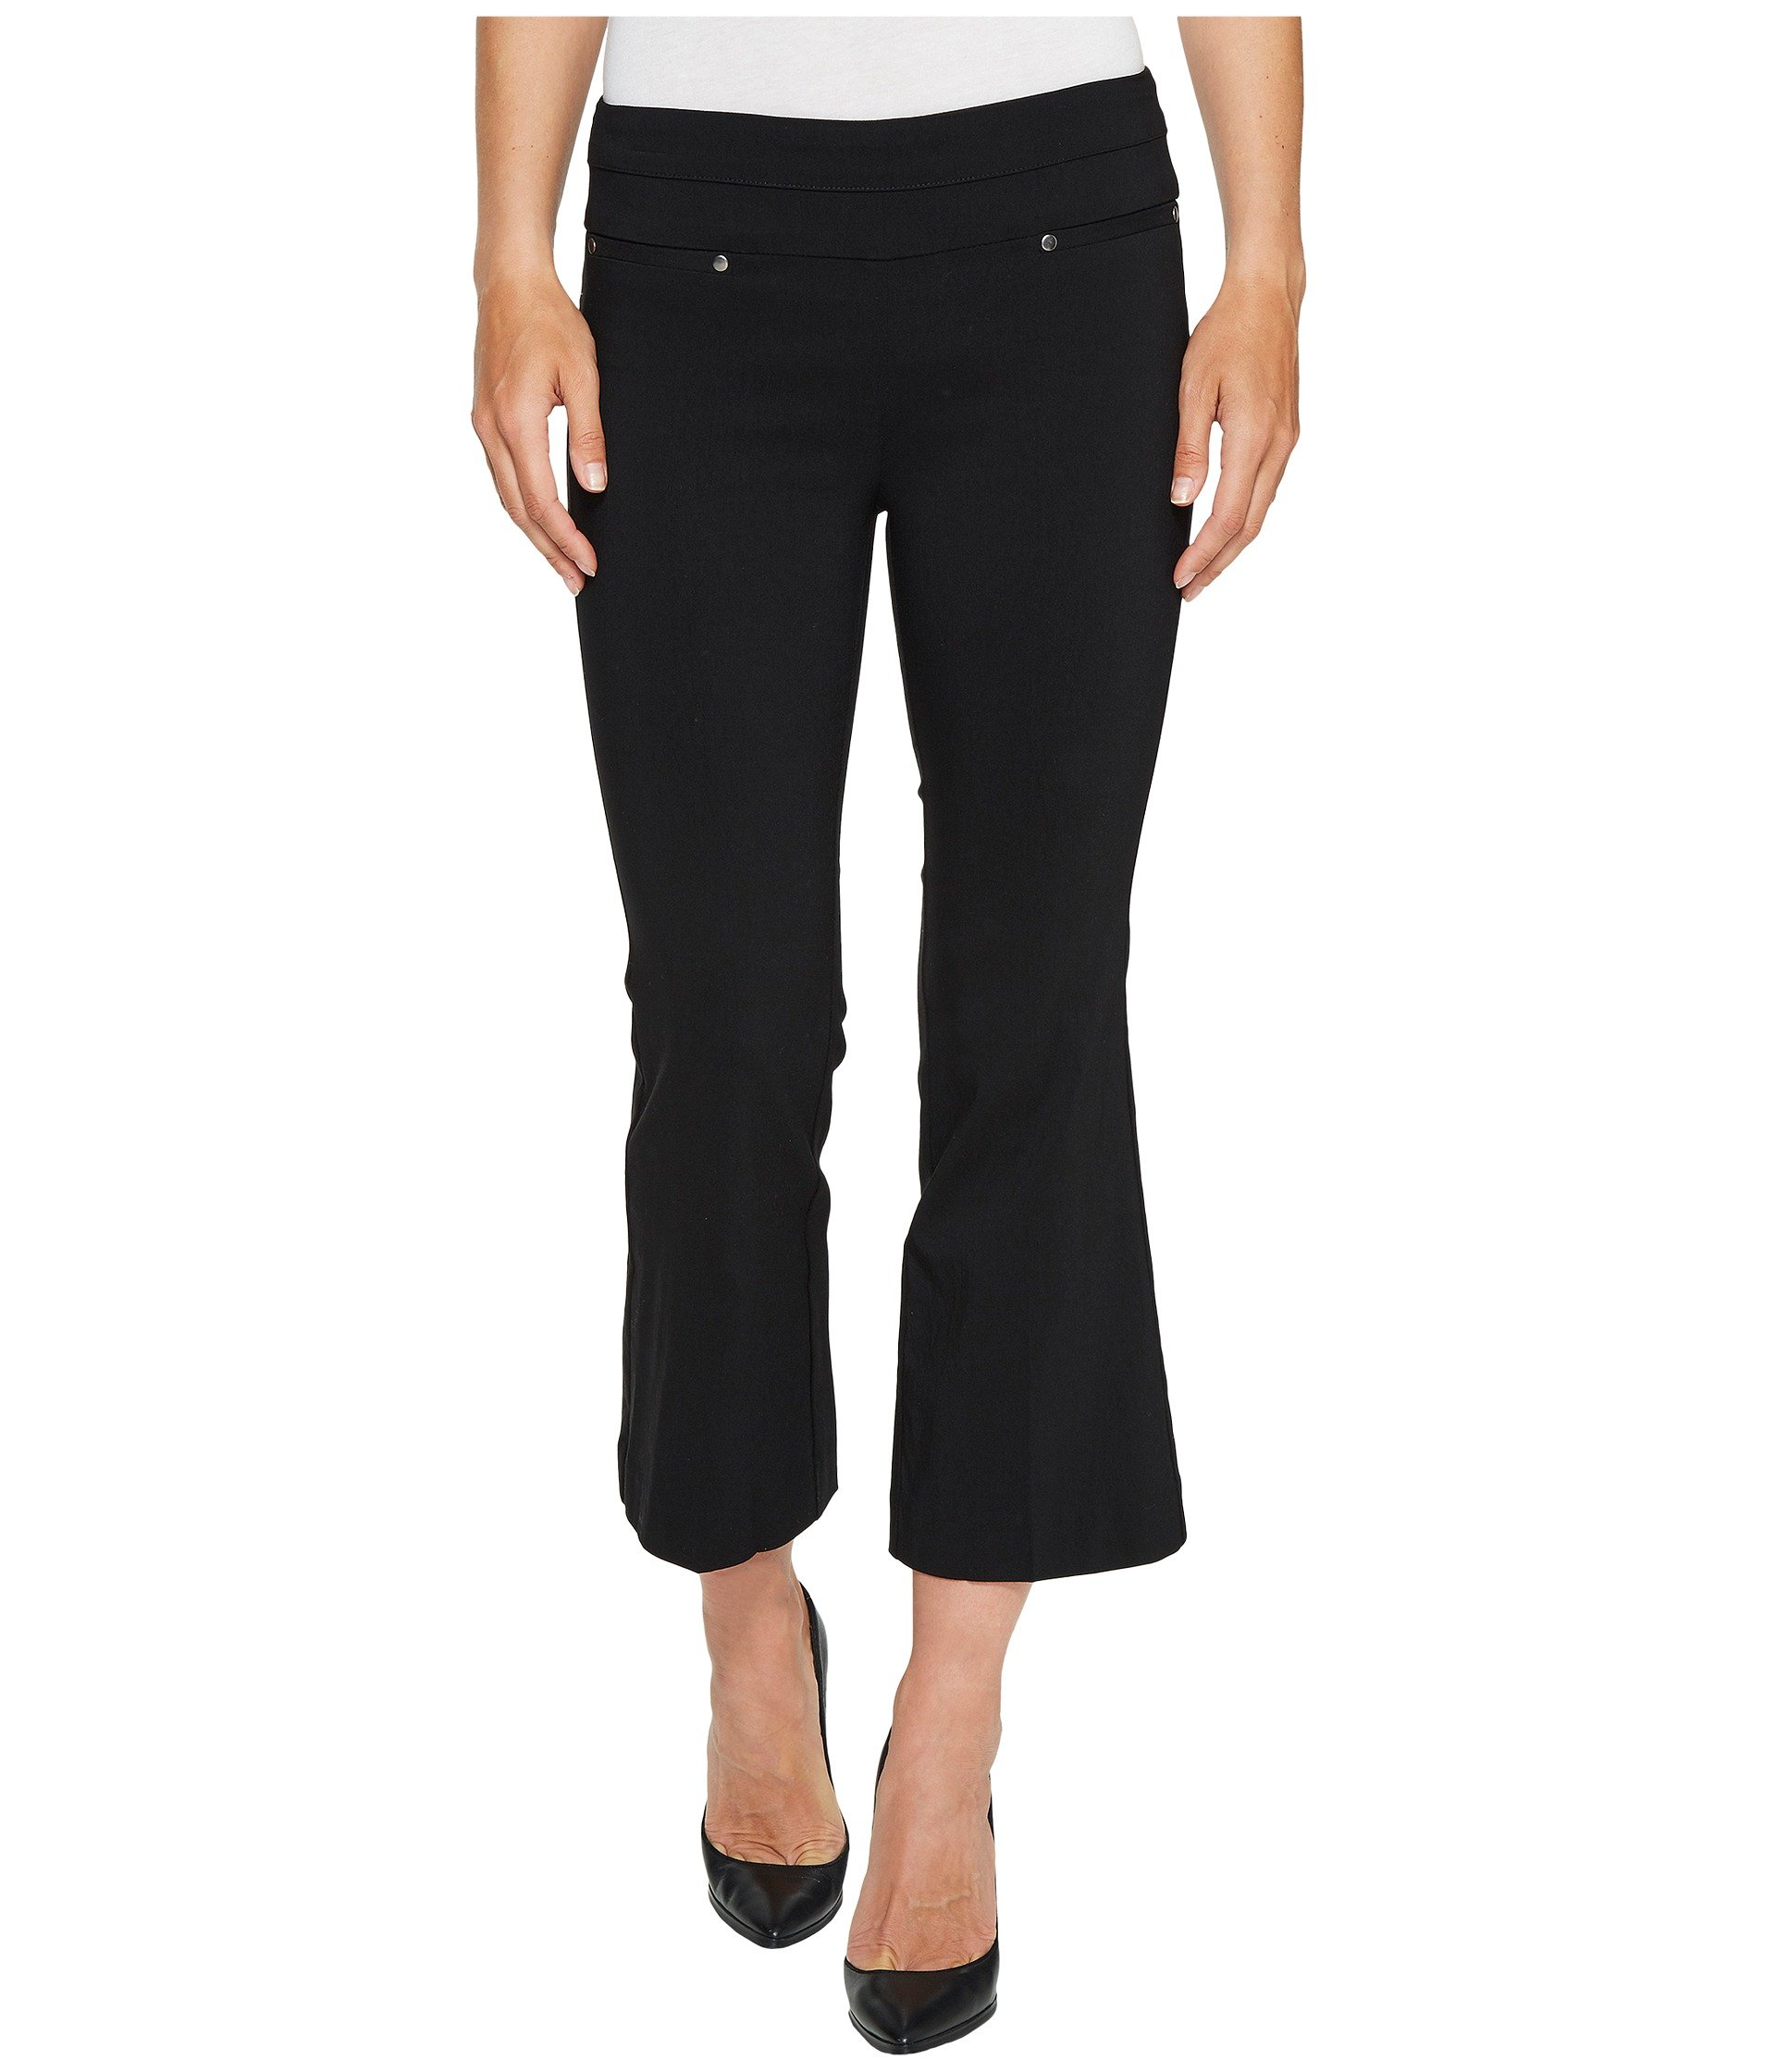 Pantalón para Mujer XOXO Kick Flare Pull-On Pants  + XOXO en VeoyCompro.net